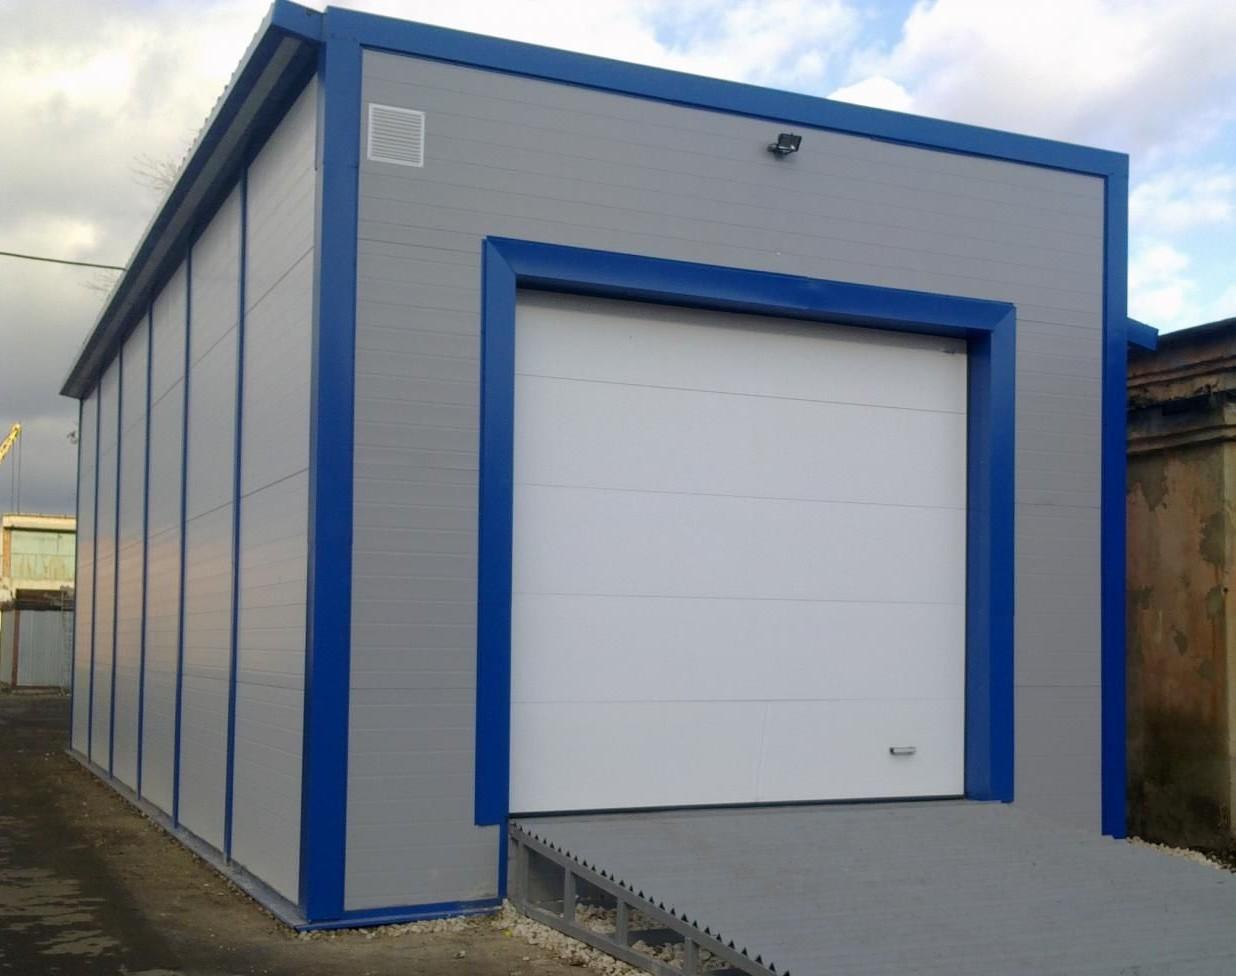 Каркасная технология позволяет быстро построить такой гараж